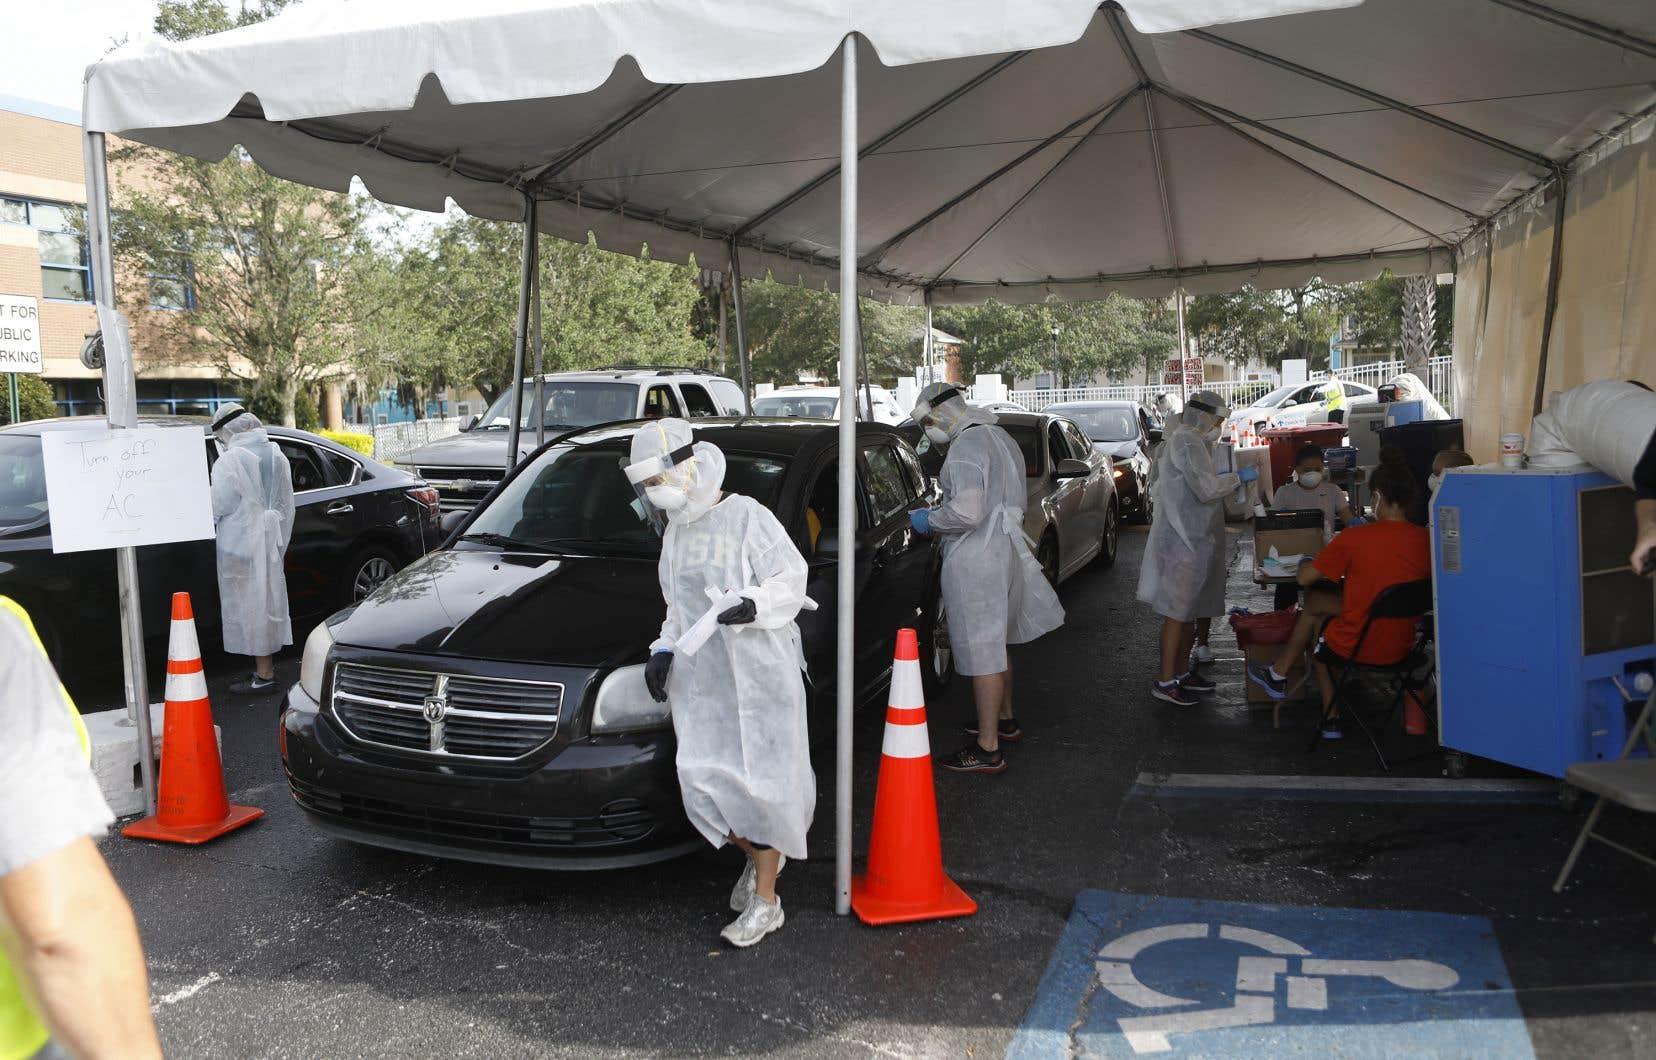 La hausse du nombre de cas est par endroits plus rapide que celle du nombre de tests, comme en Floride, ce qui accrédite l'idée d'un redémarrage régional de l'épidémie.